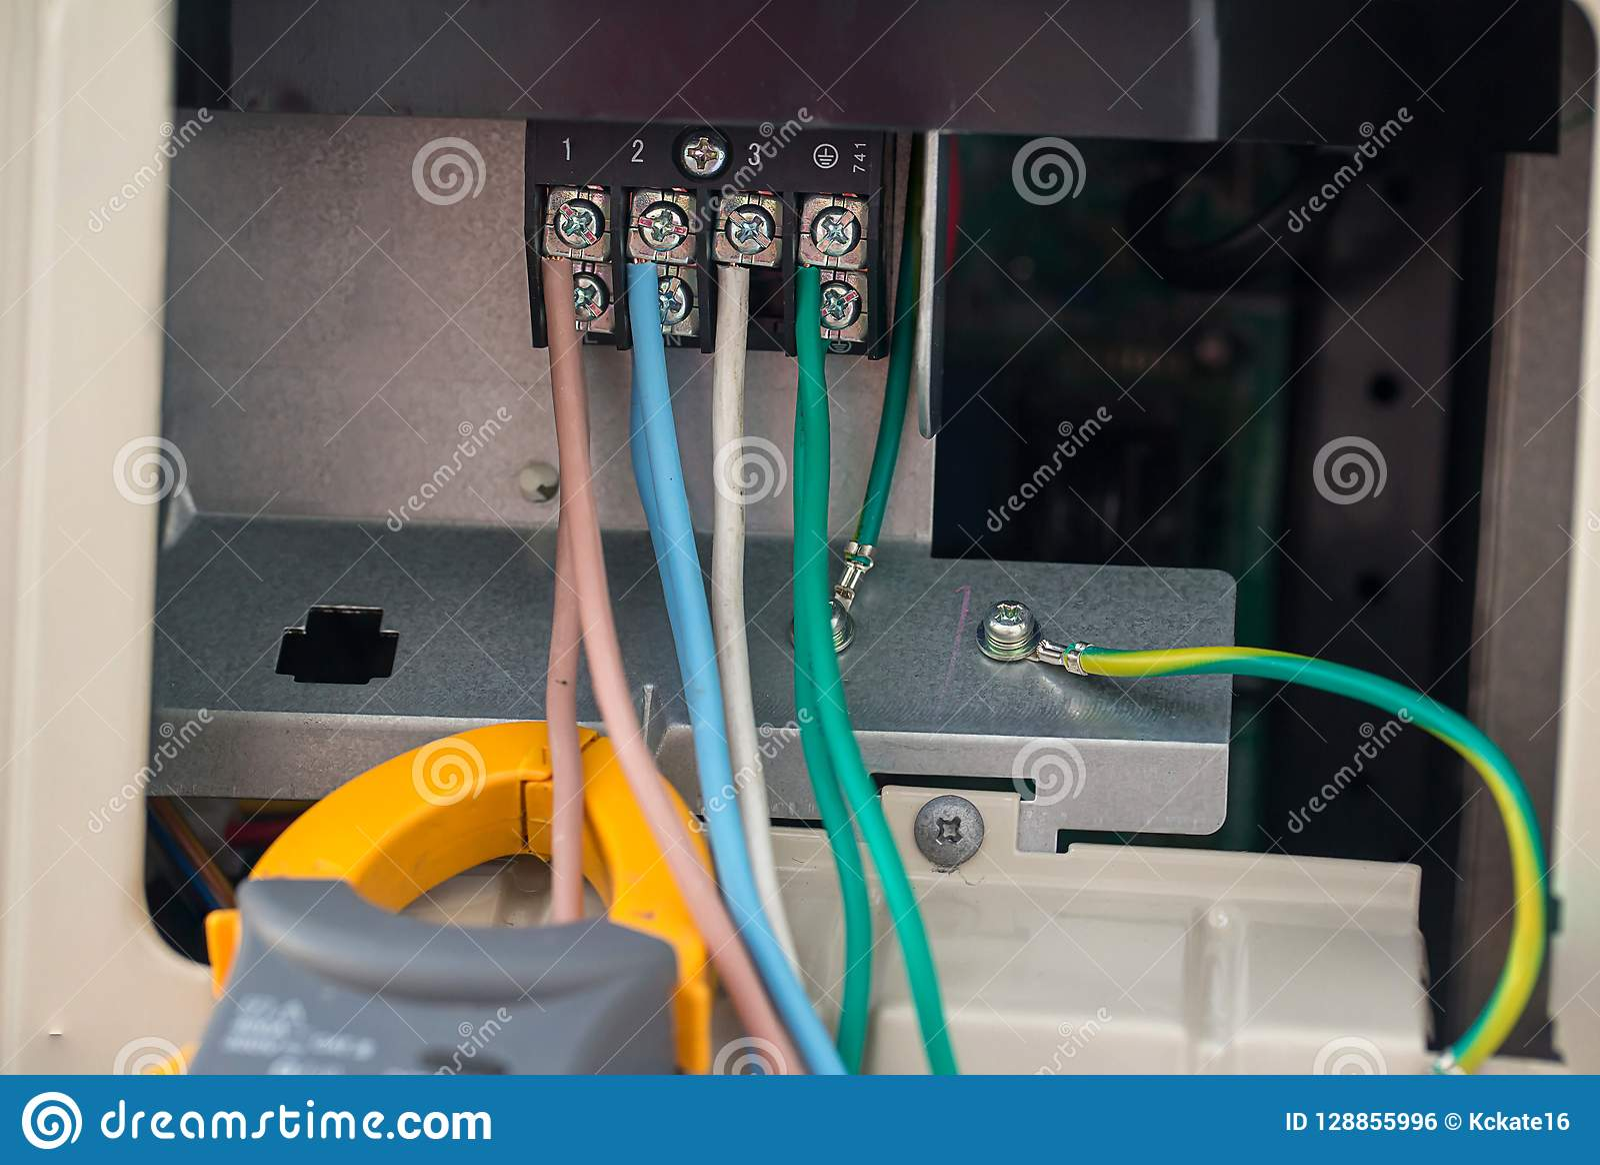 Электрические кабели с терминальным блоком электрические провода соединены к струбцинам в электрической системе сразу напряжения